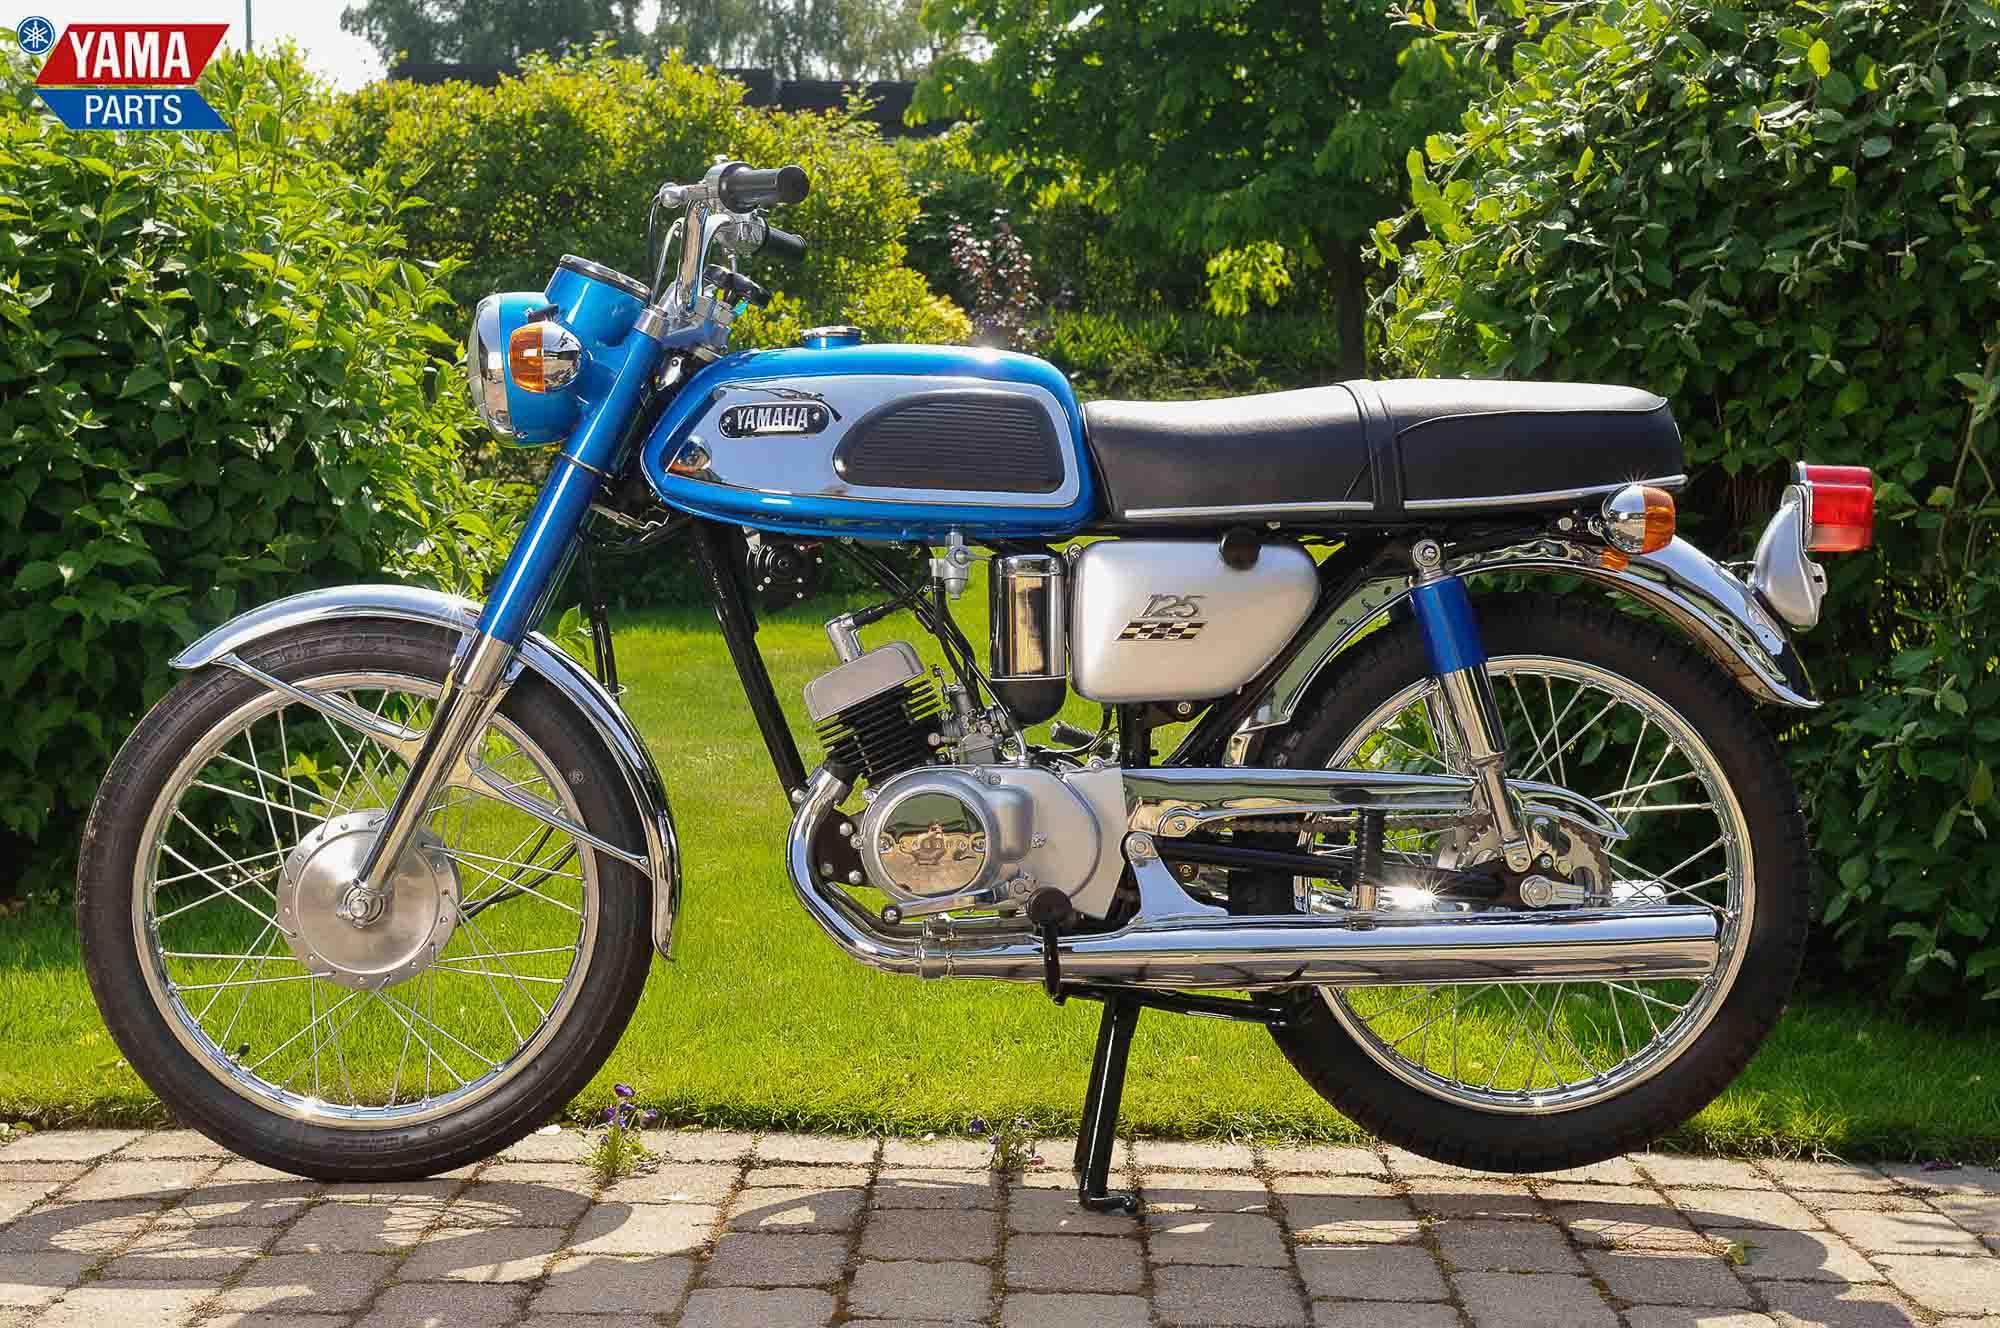 Die Yamaha YAS1 kam 1969 und wurde sofort ein Kassenschlager